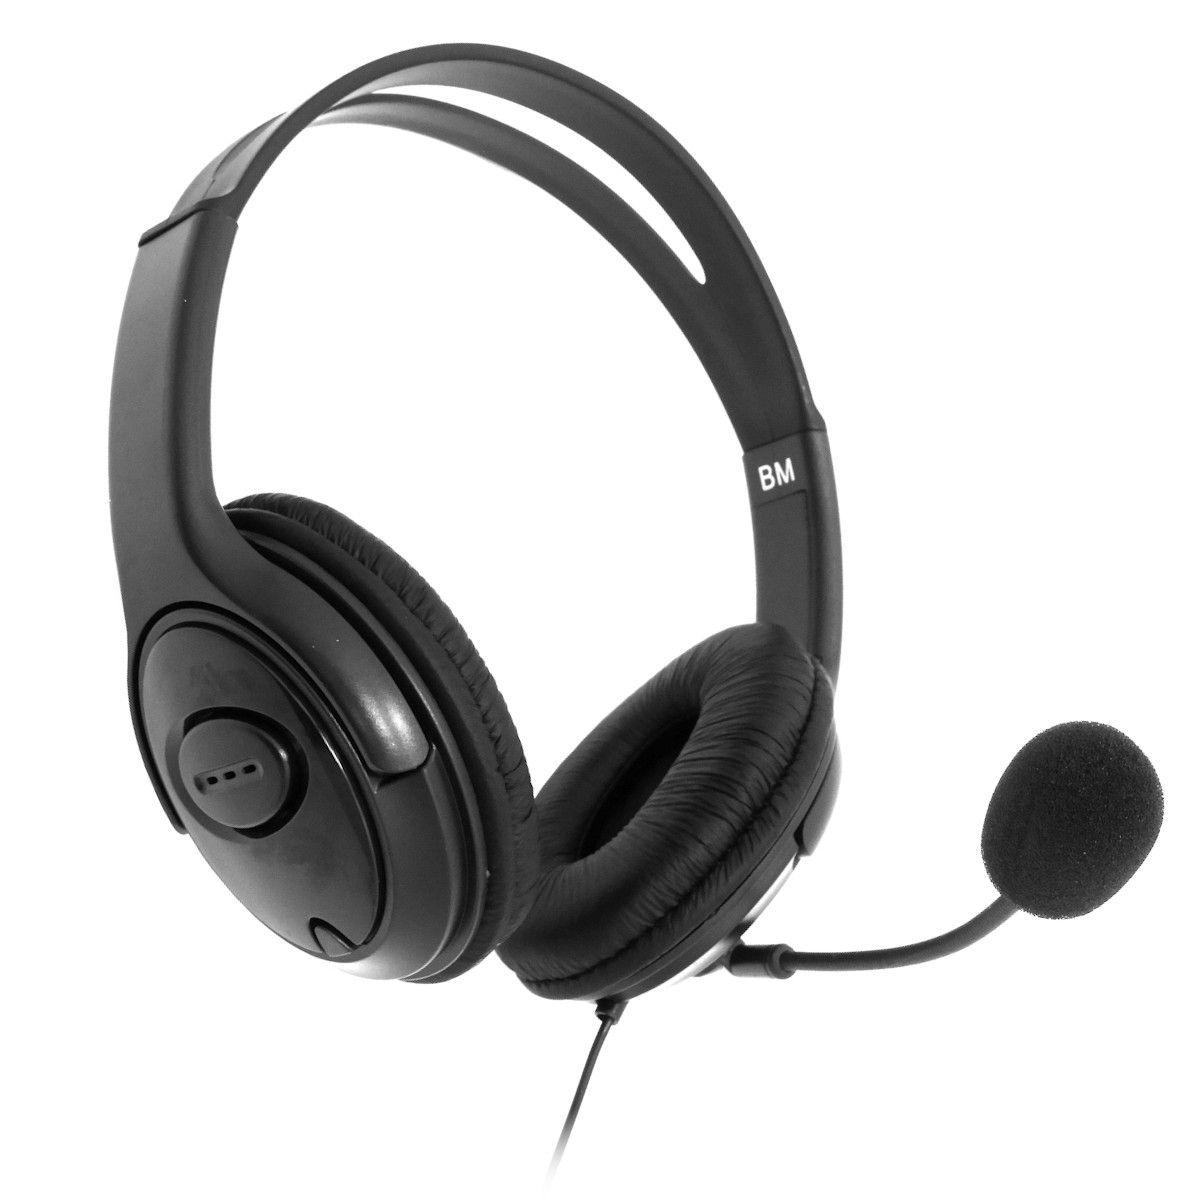 Headset Gamer Para Xbox 360 Com Microfone E Controle De Volume